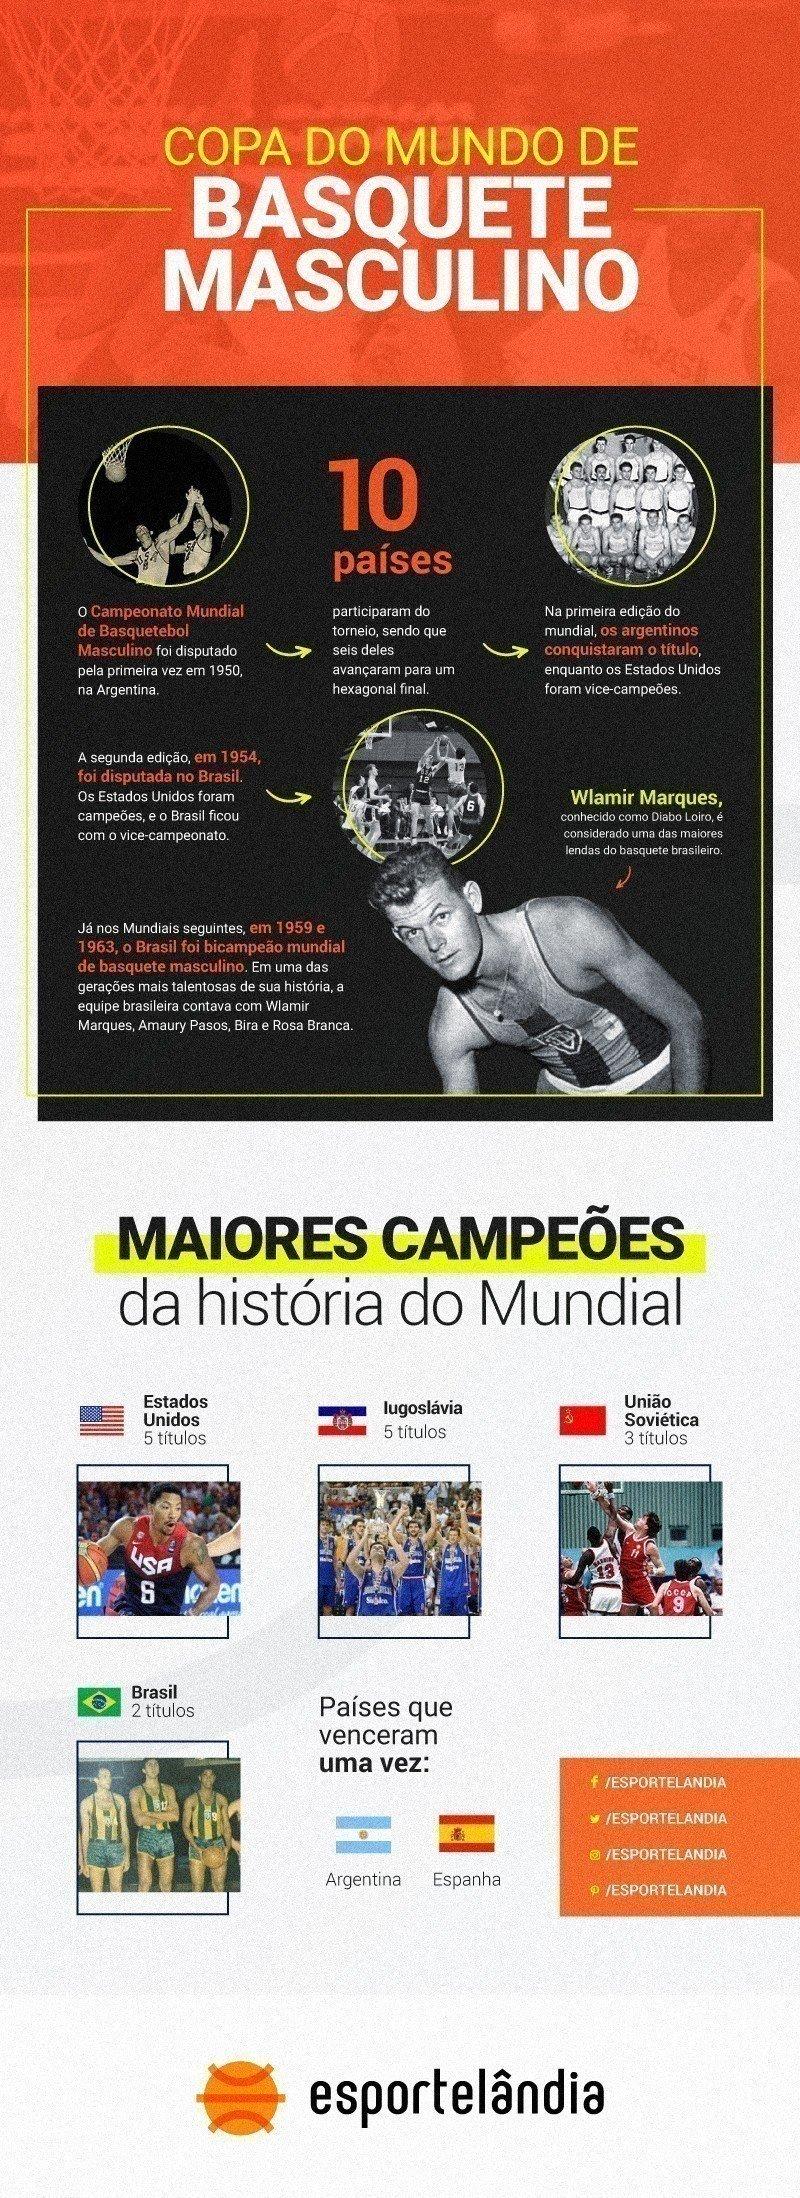 Copa do Mundo de Basquete Masculino